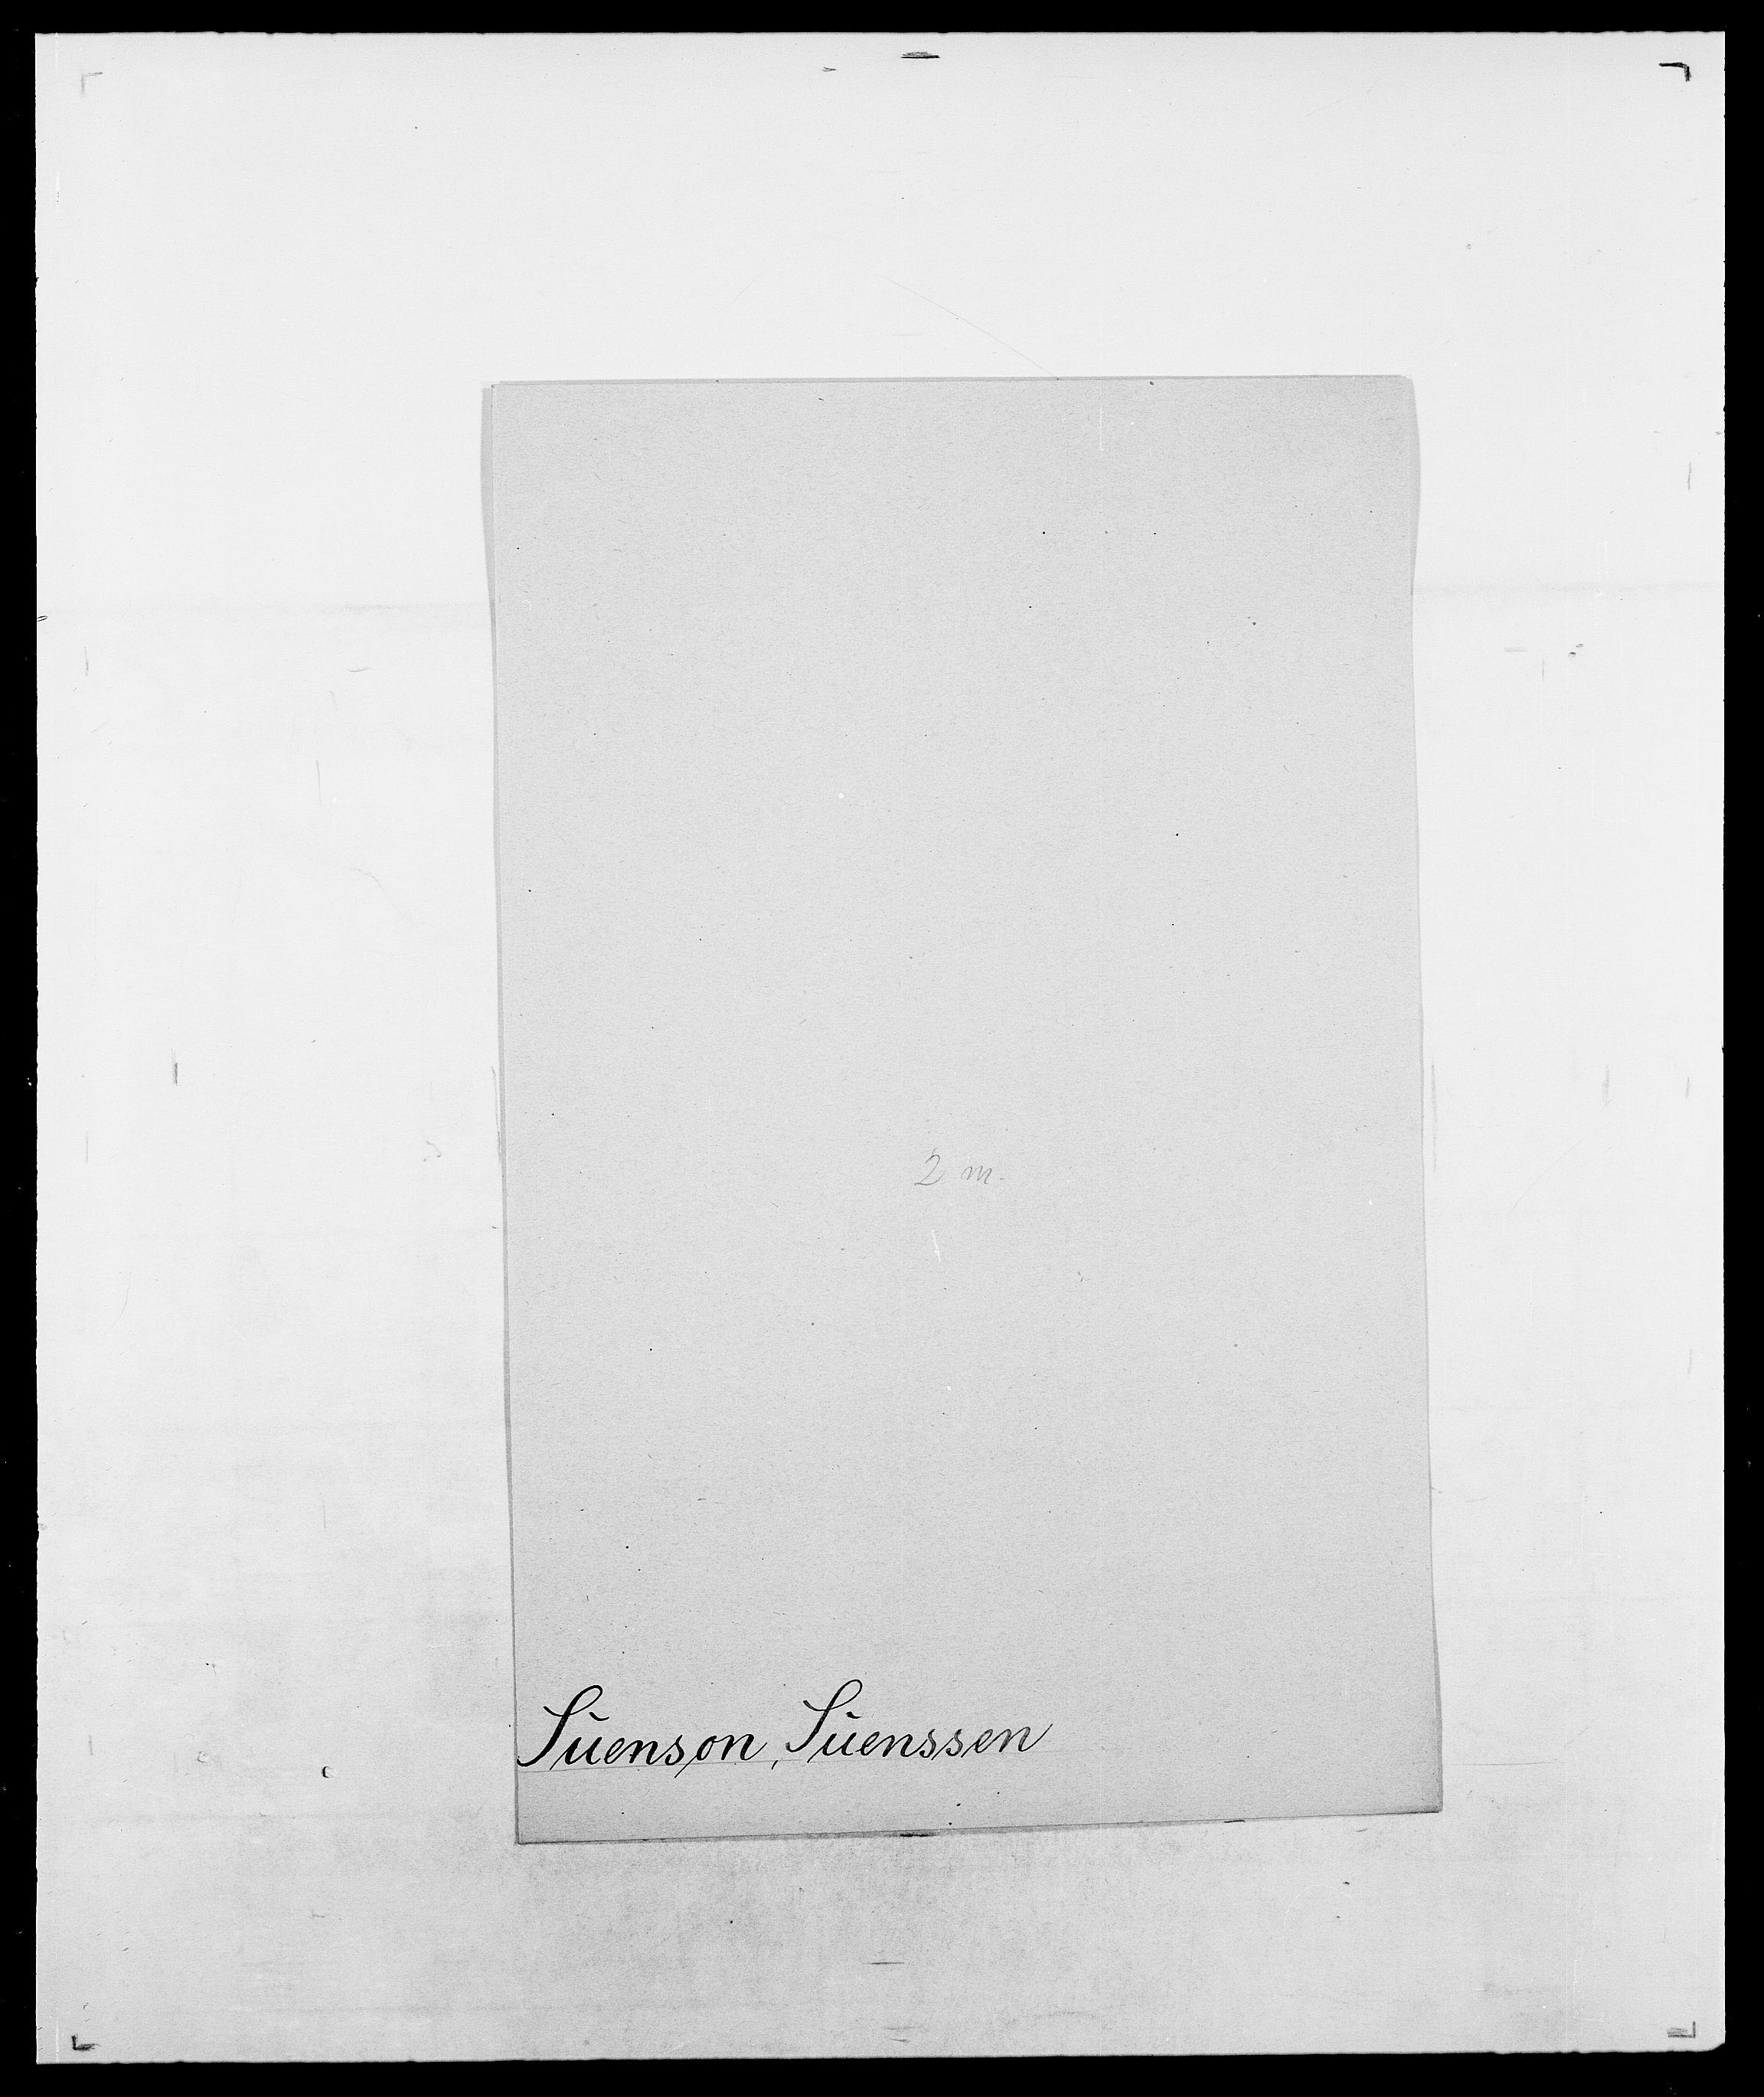 SAO, Delgobe, Charles Antoine - samling, D/Da/L0037: Steen, Sthen, Stein - Svare, Svanige, Svanne, se også Svanning og Schwane, s. 879